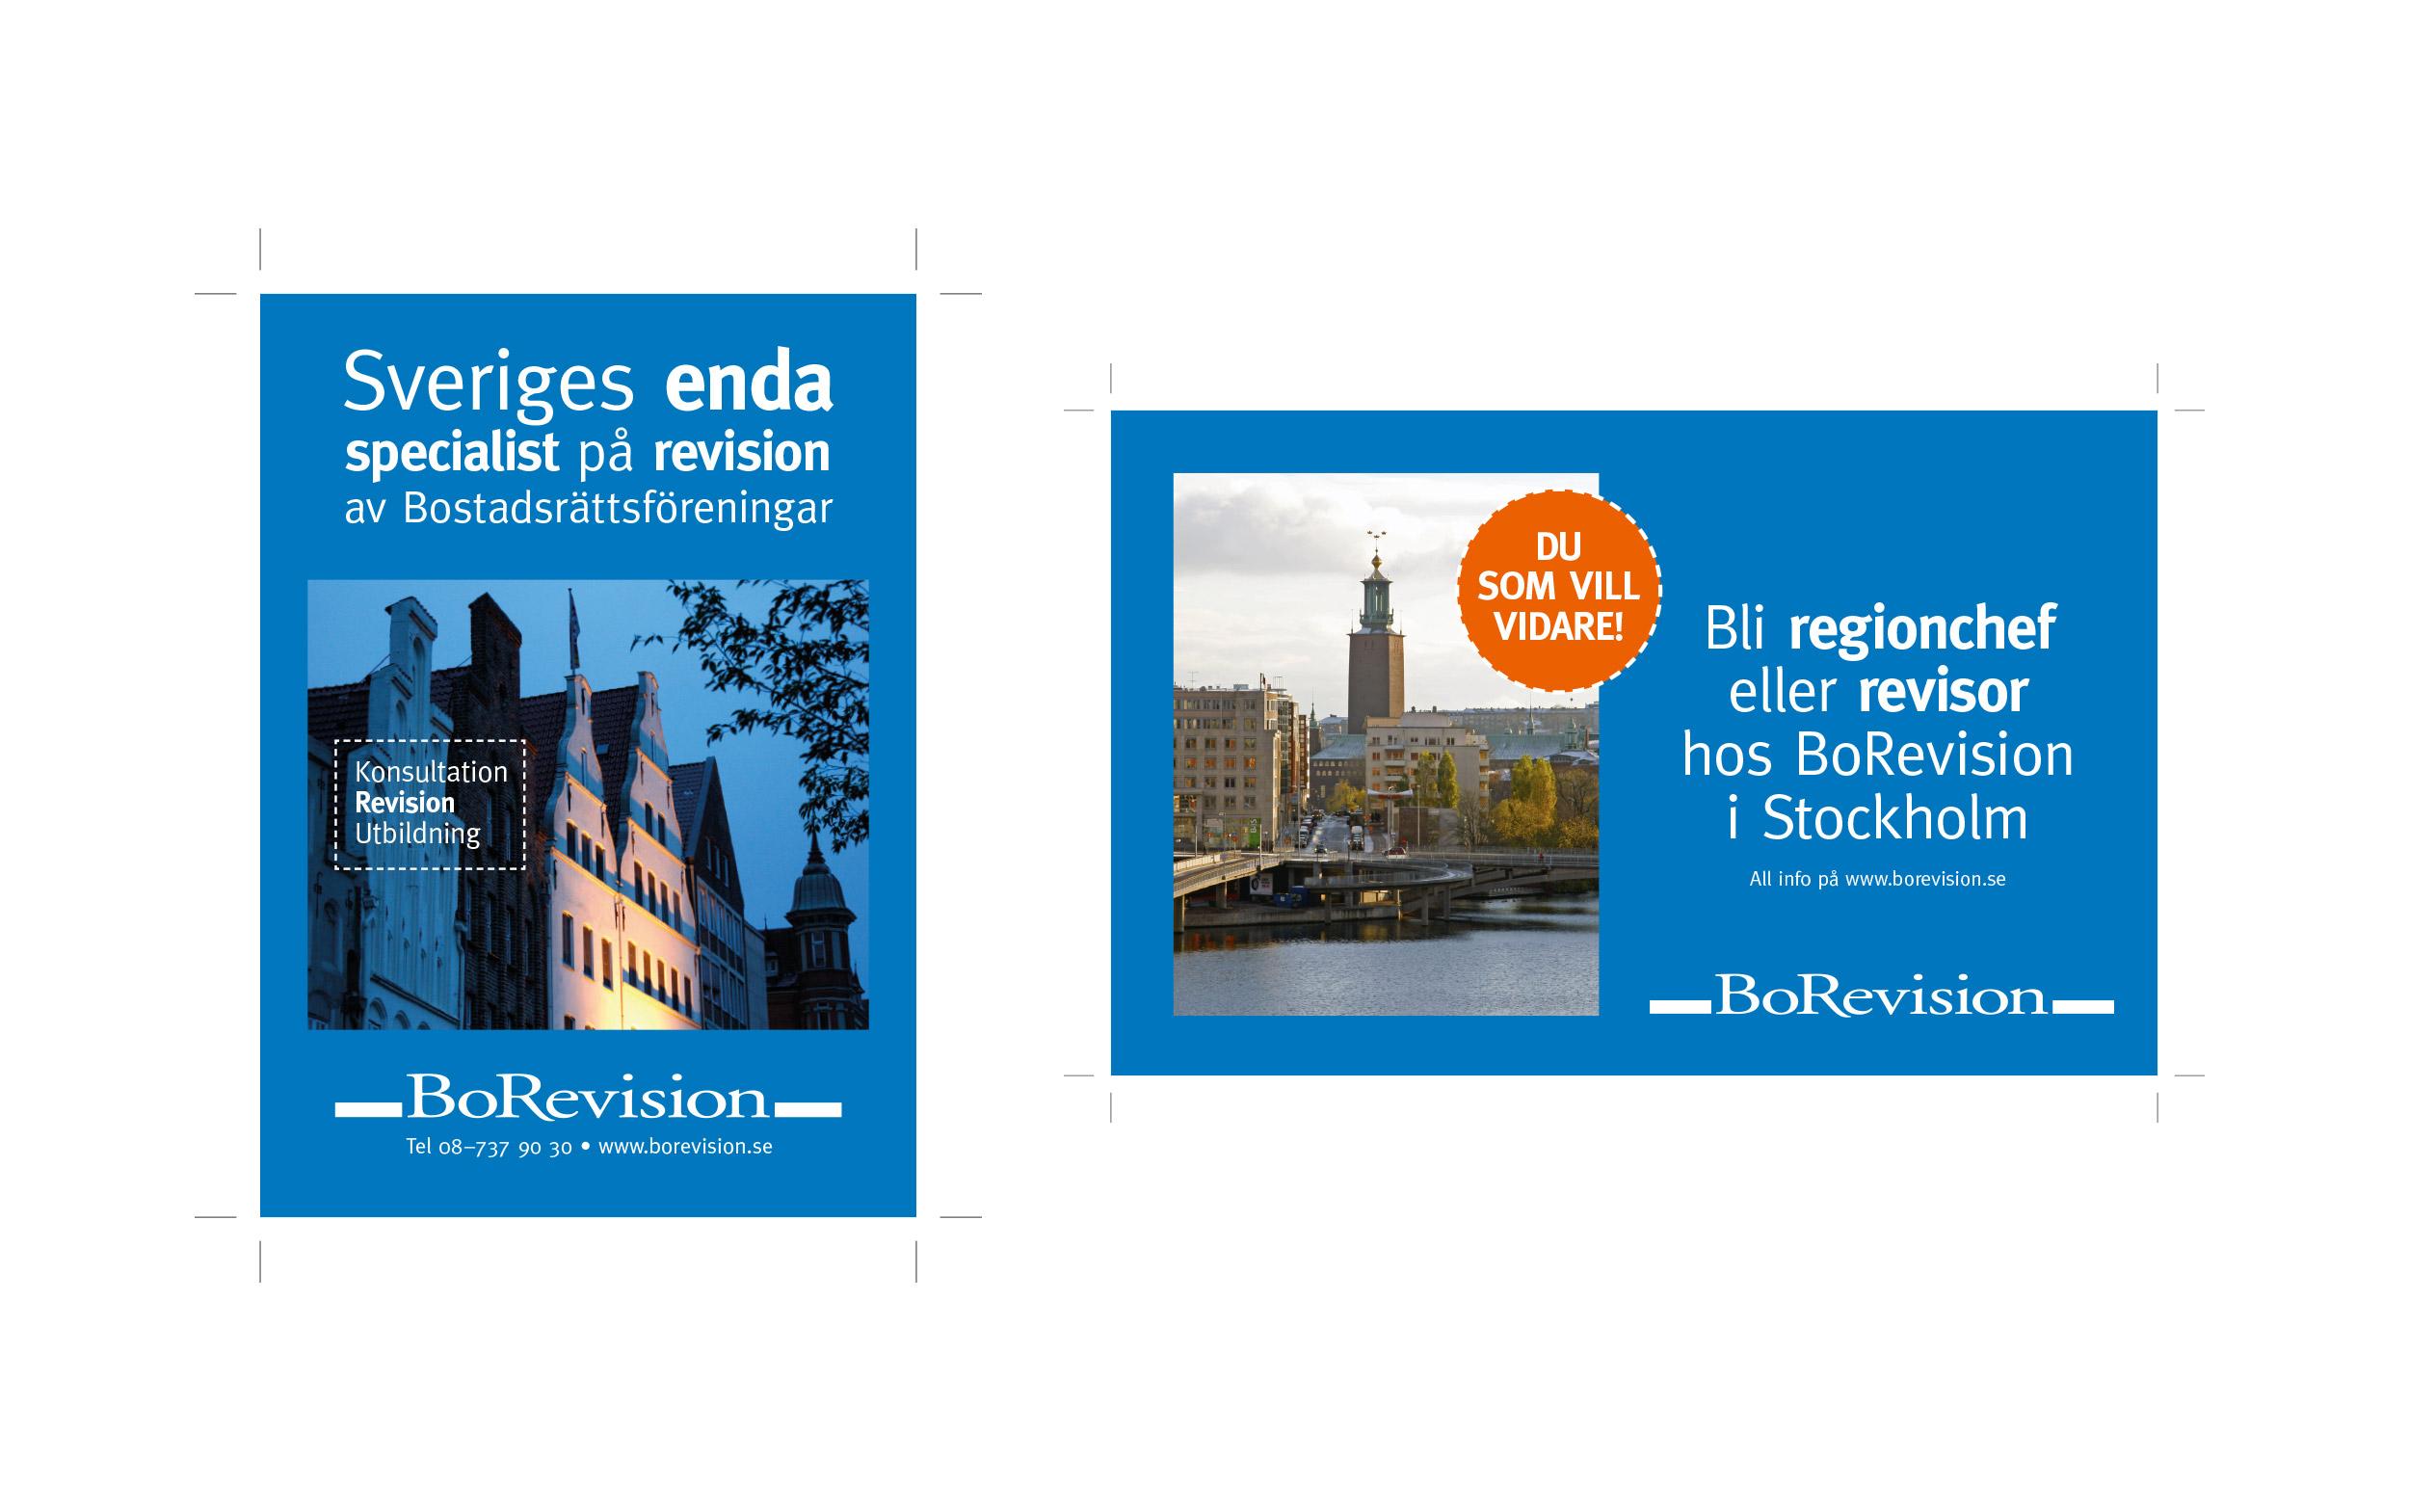 Image-annons & rekryterings-annons för Bo Revision.